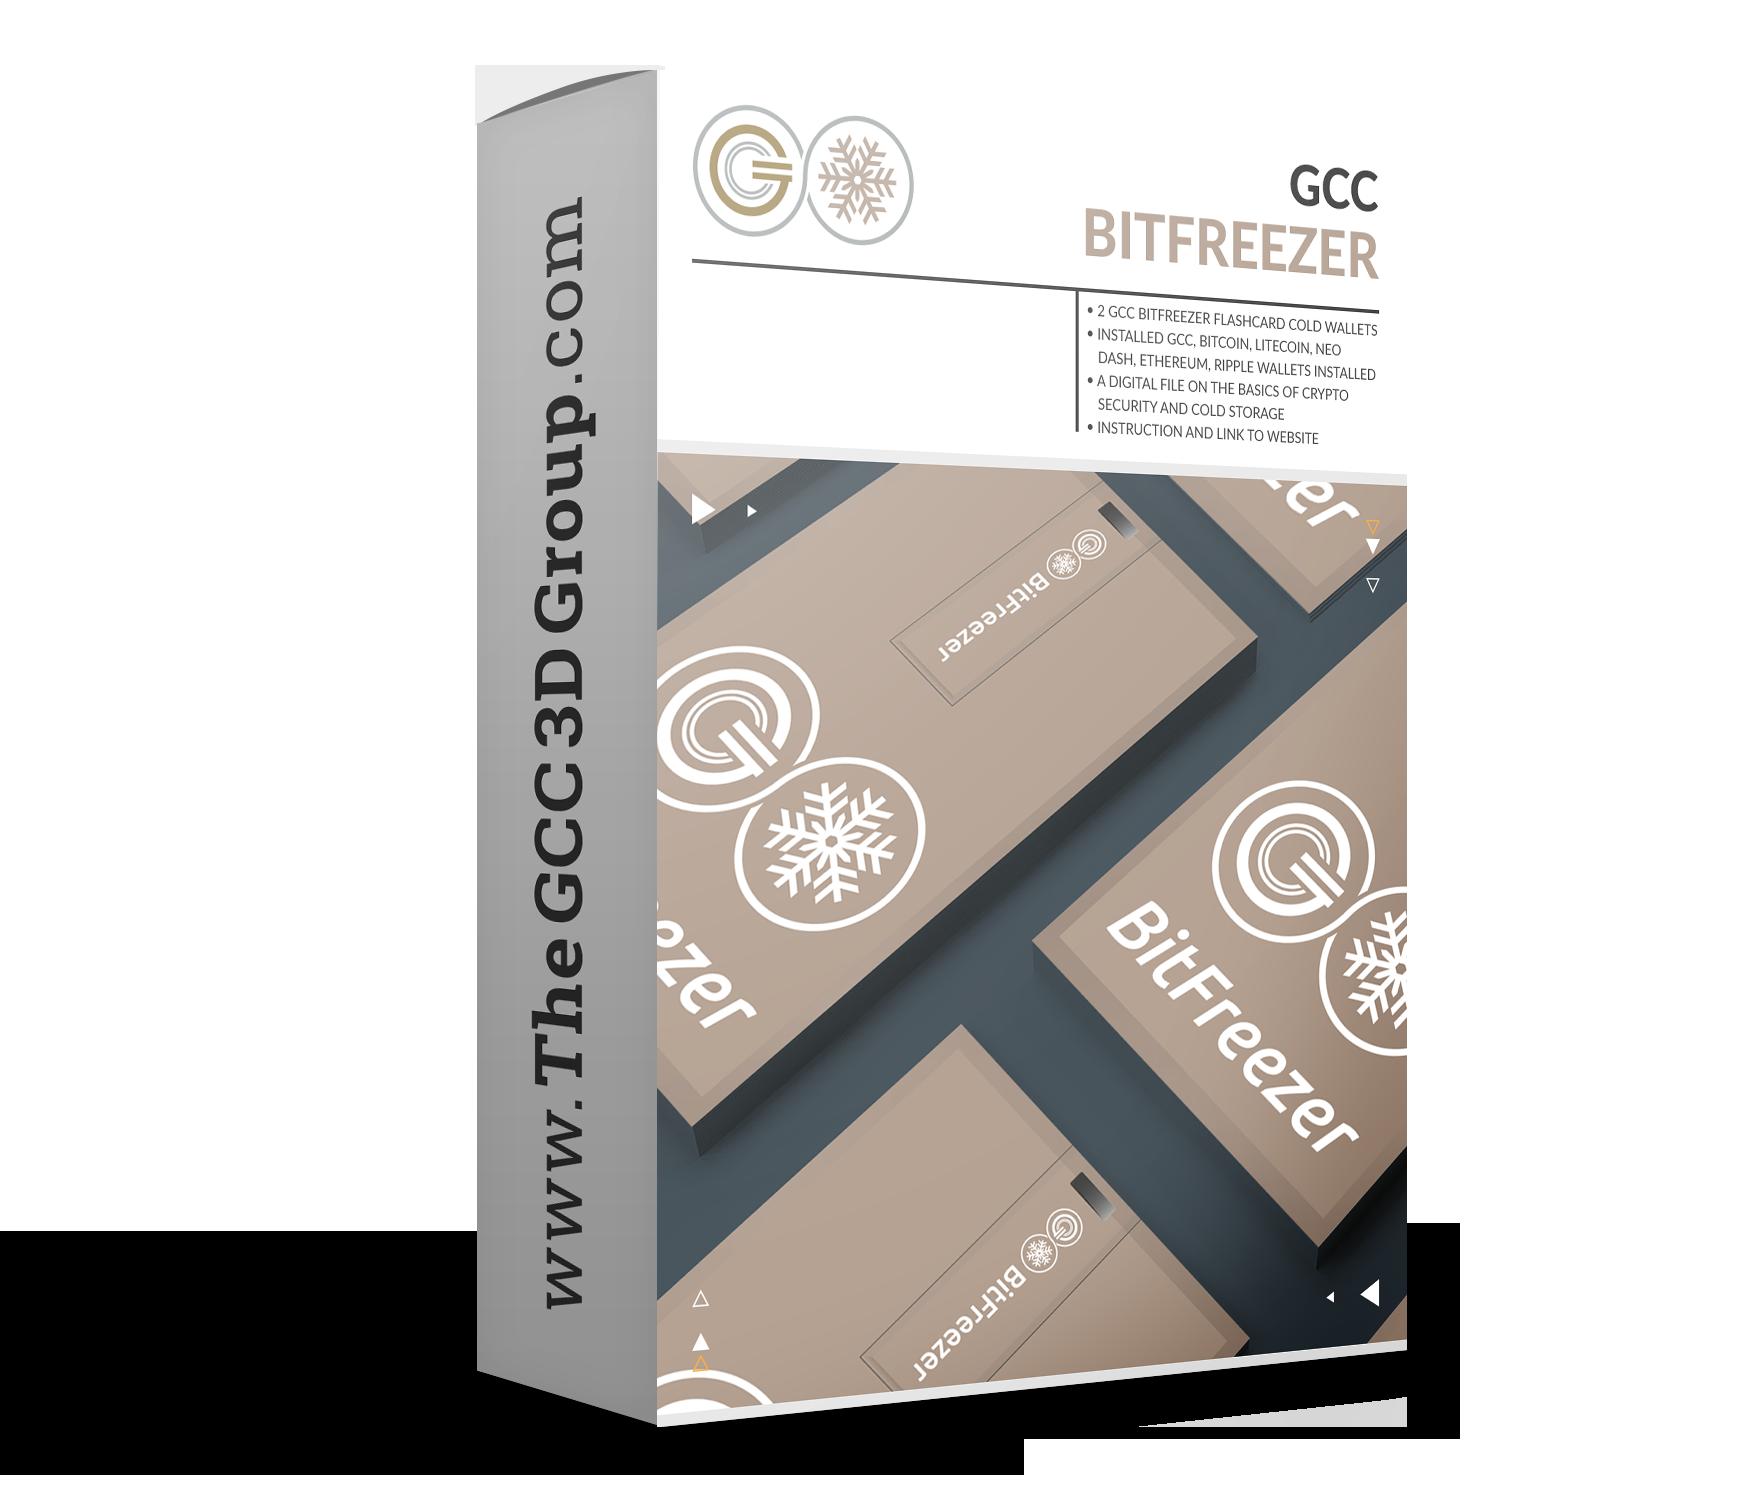 BitFreezer - zewnętrzny portfel do zabezpieczania kryptowalut